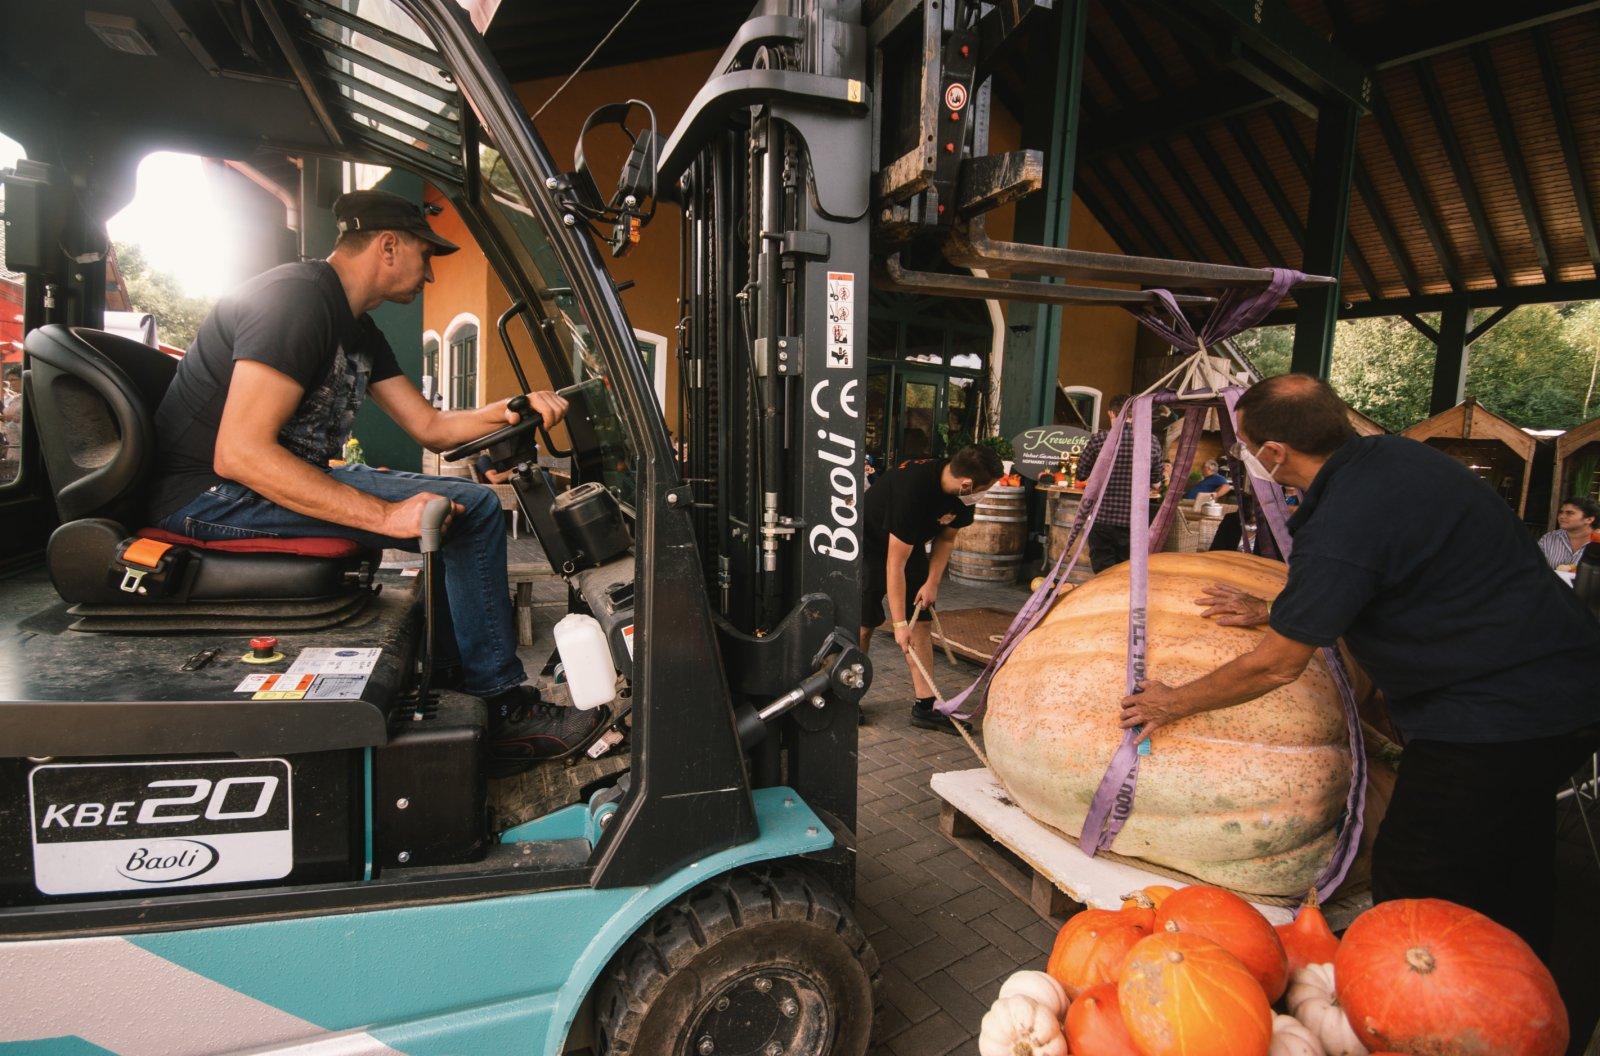 9月12日,在德國洛馬爾傳統南瓜節上,工作人員用鏟車給一個南瓜稱重。